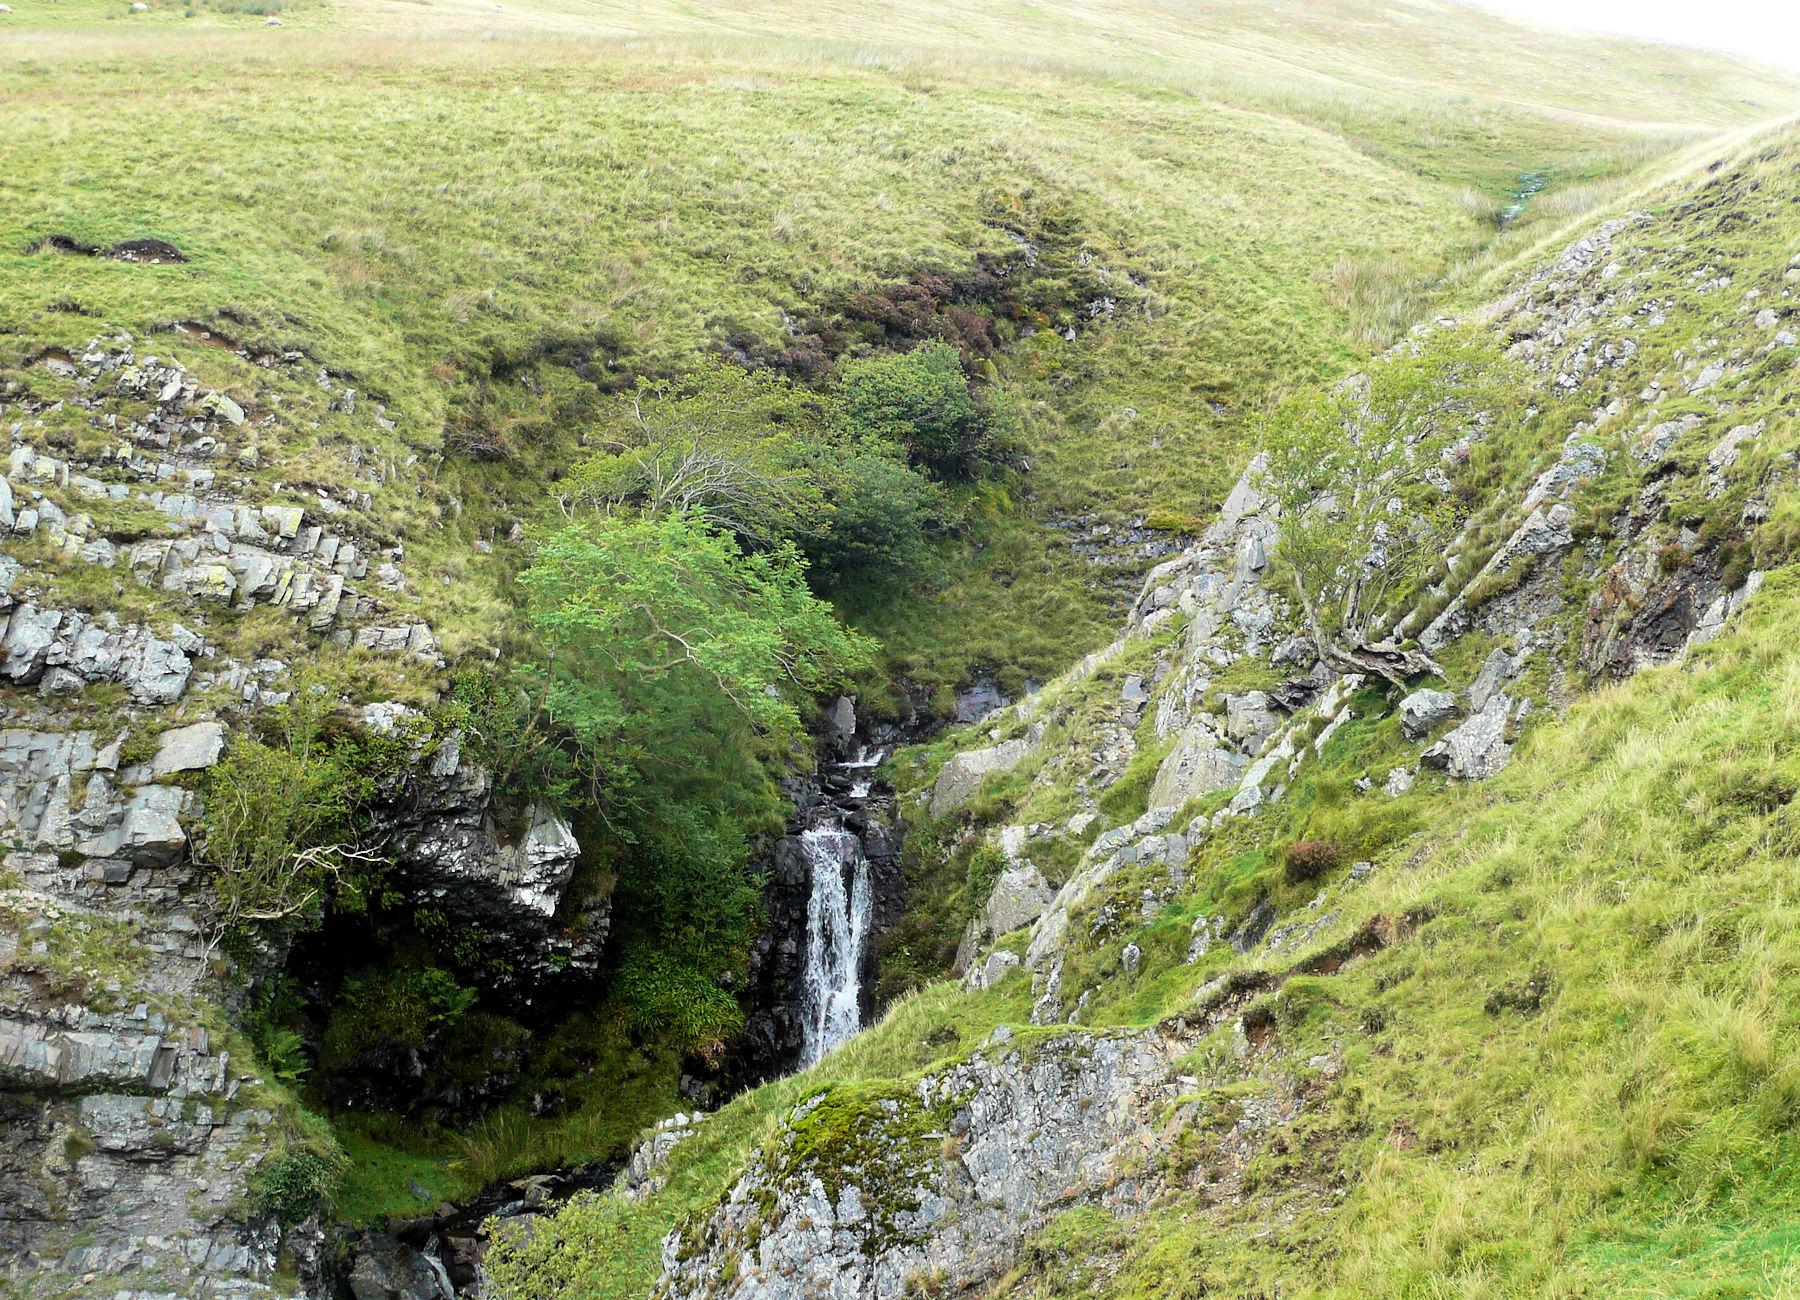 Wandale waterfall